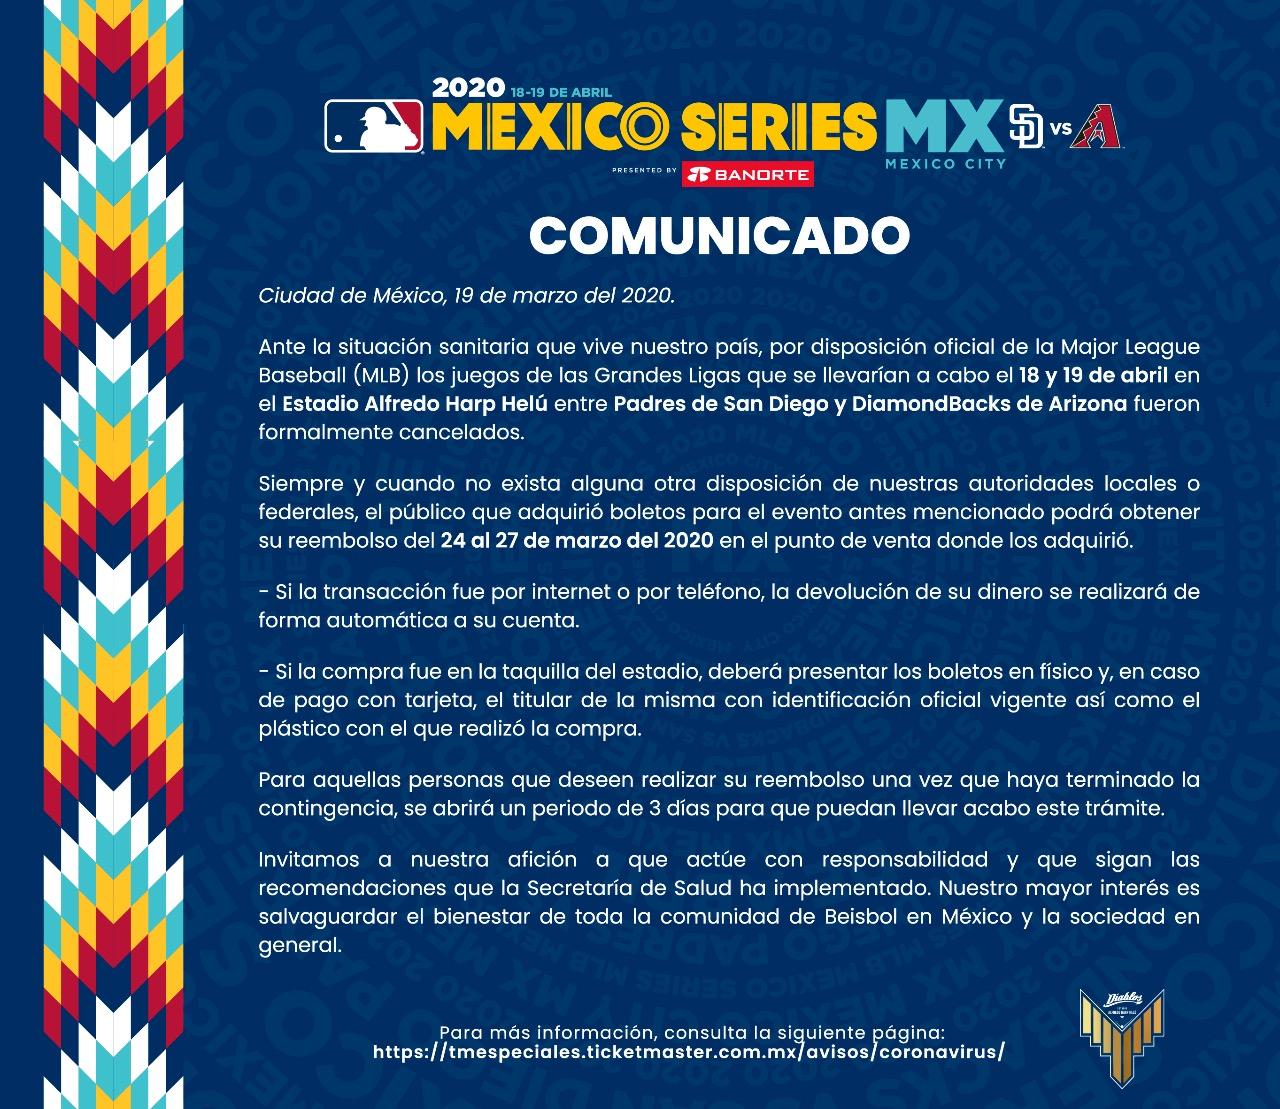 Reembolso de boletos Mexico Series 2020, MLB en México (Grandes Ligas)